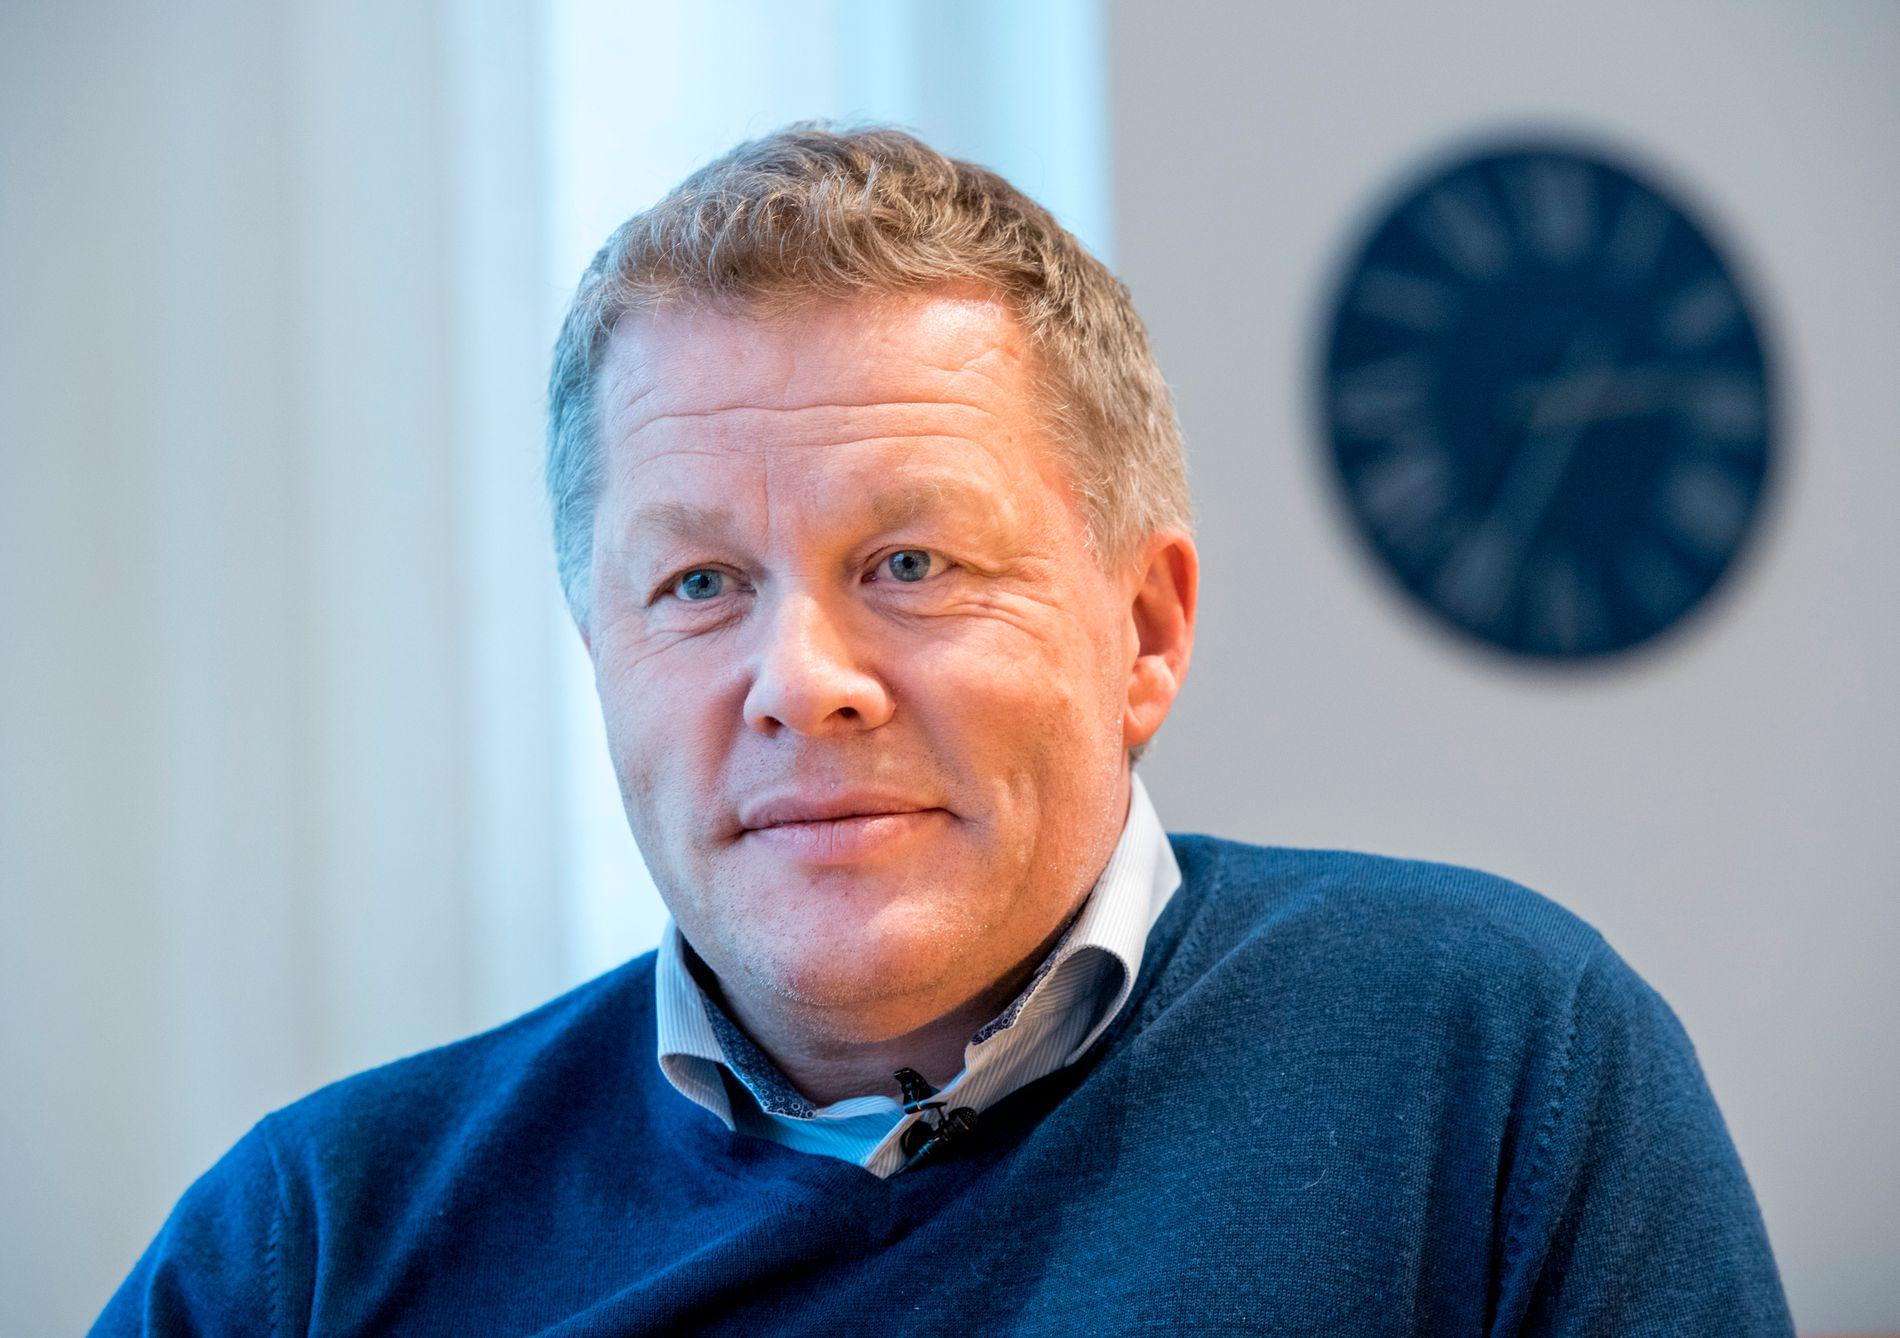 OPPSØK HJELP: Petter Brelin, leder i Norsk forening for allmennmedisin, mener det er viktig å oppsøke hjelp hvis man får problemer knyttet til prostata.